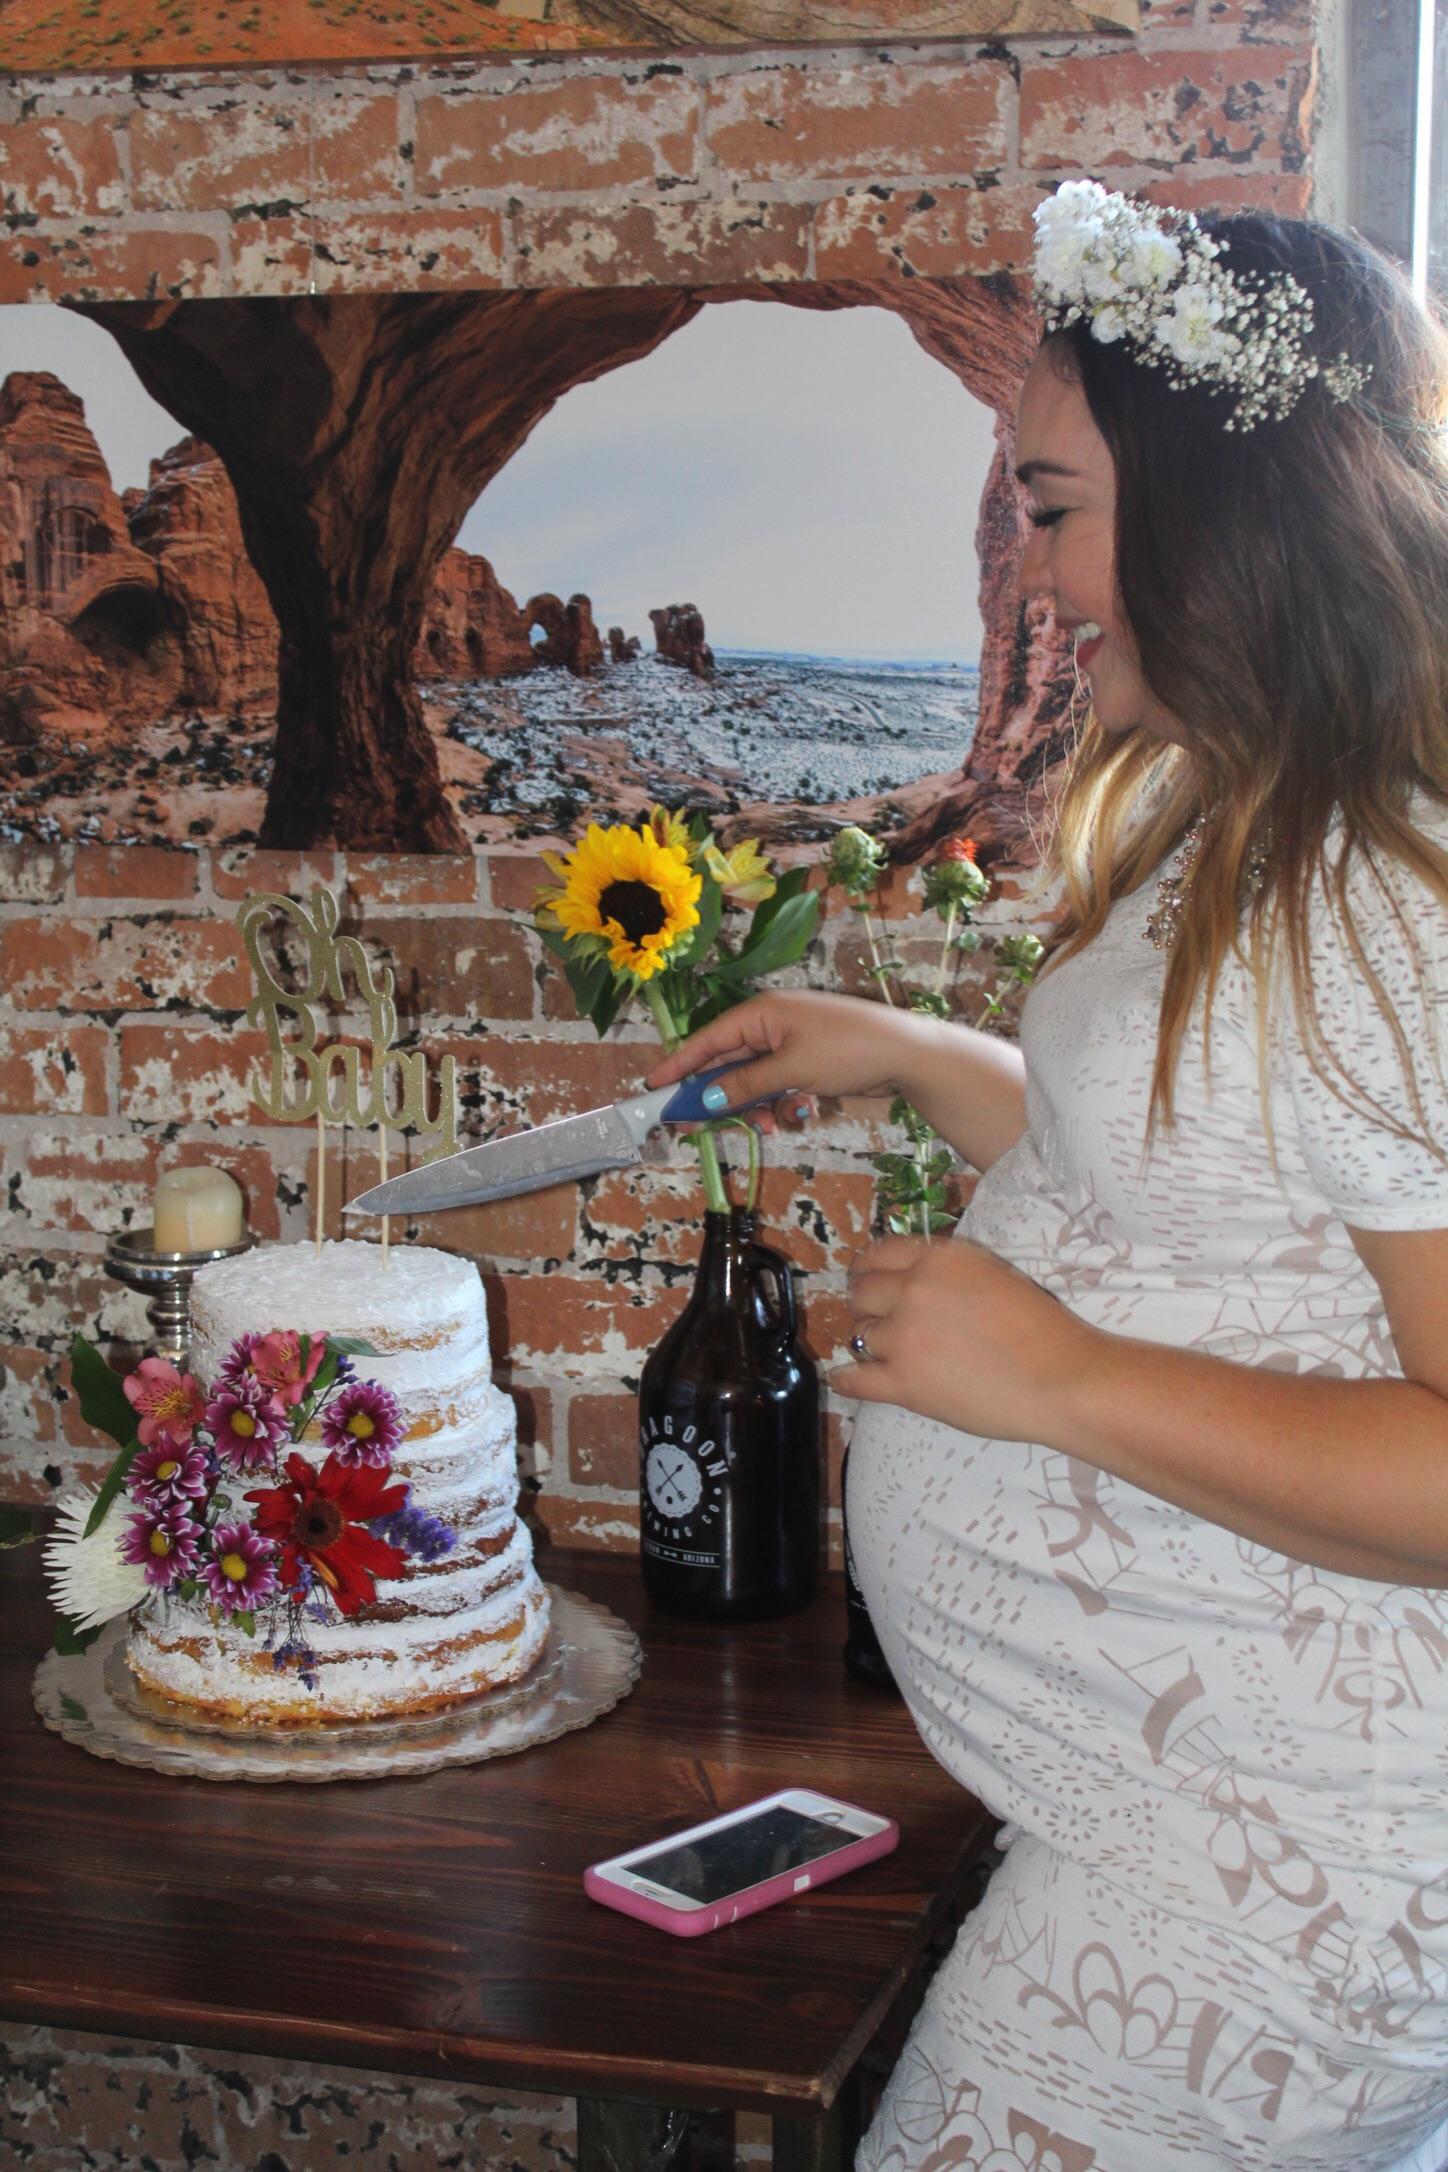 Cake makes me happy